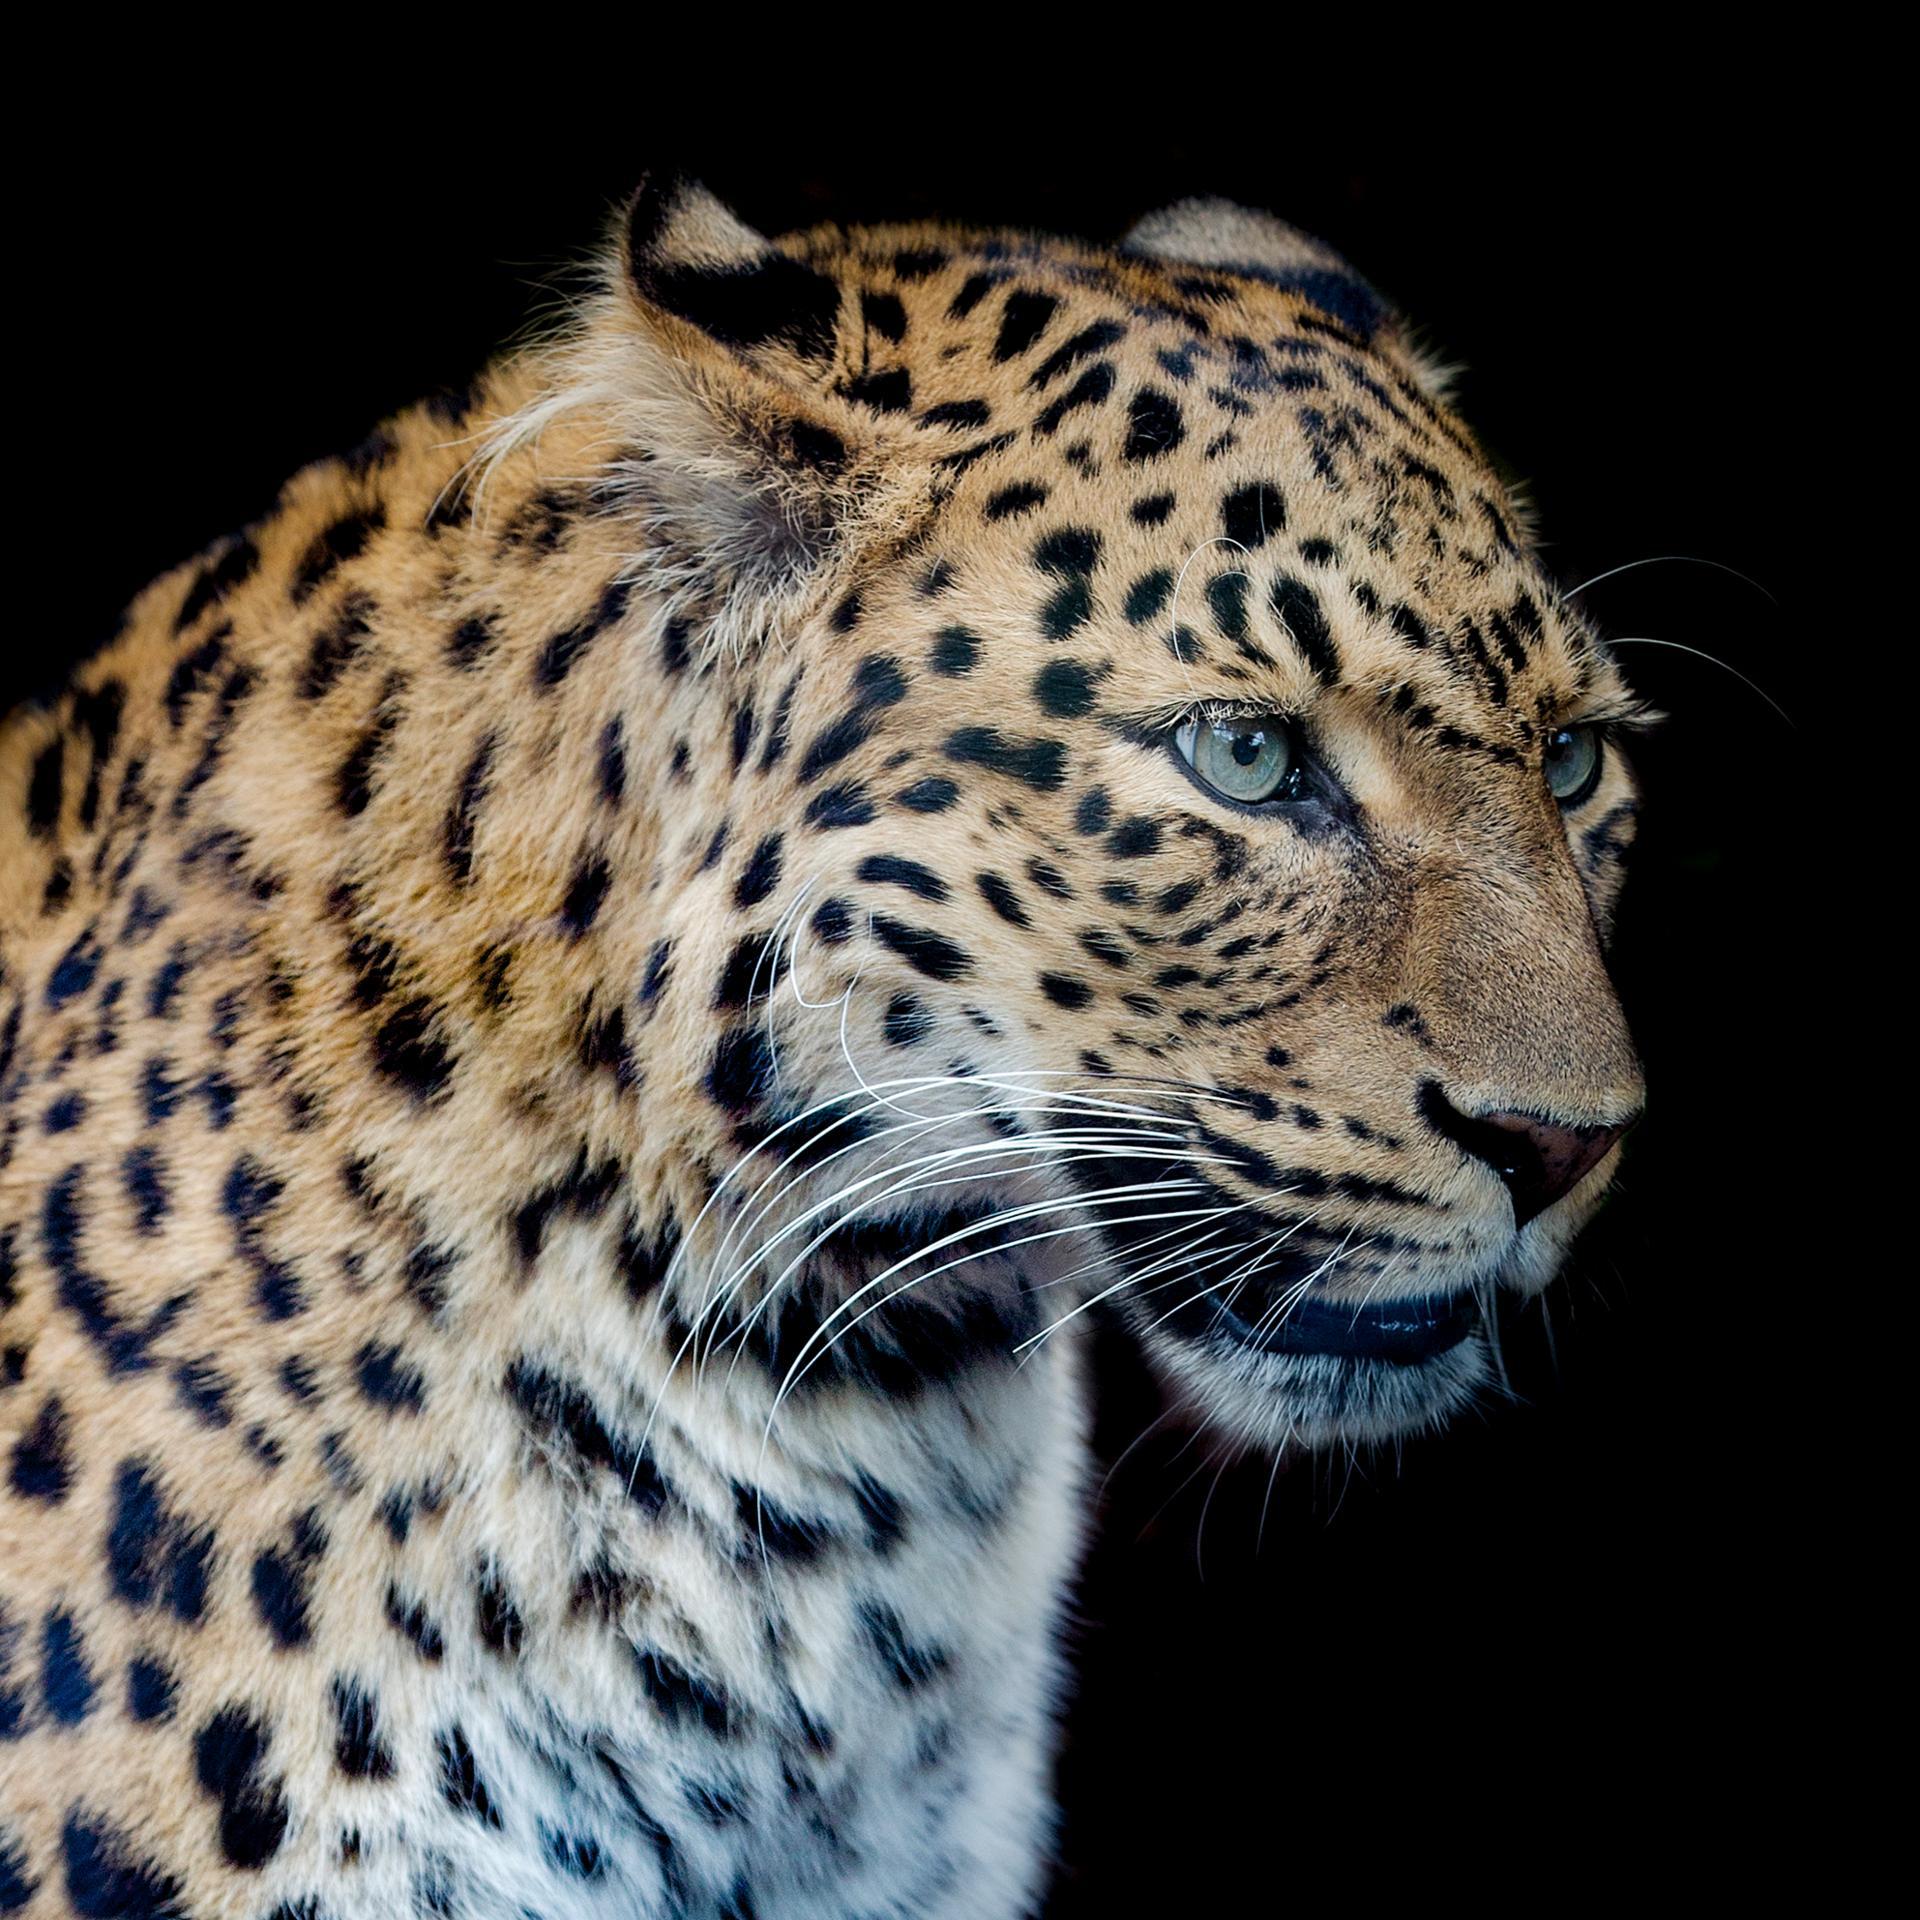 Panthere portrait